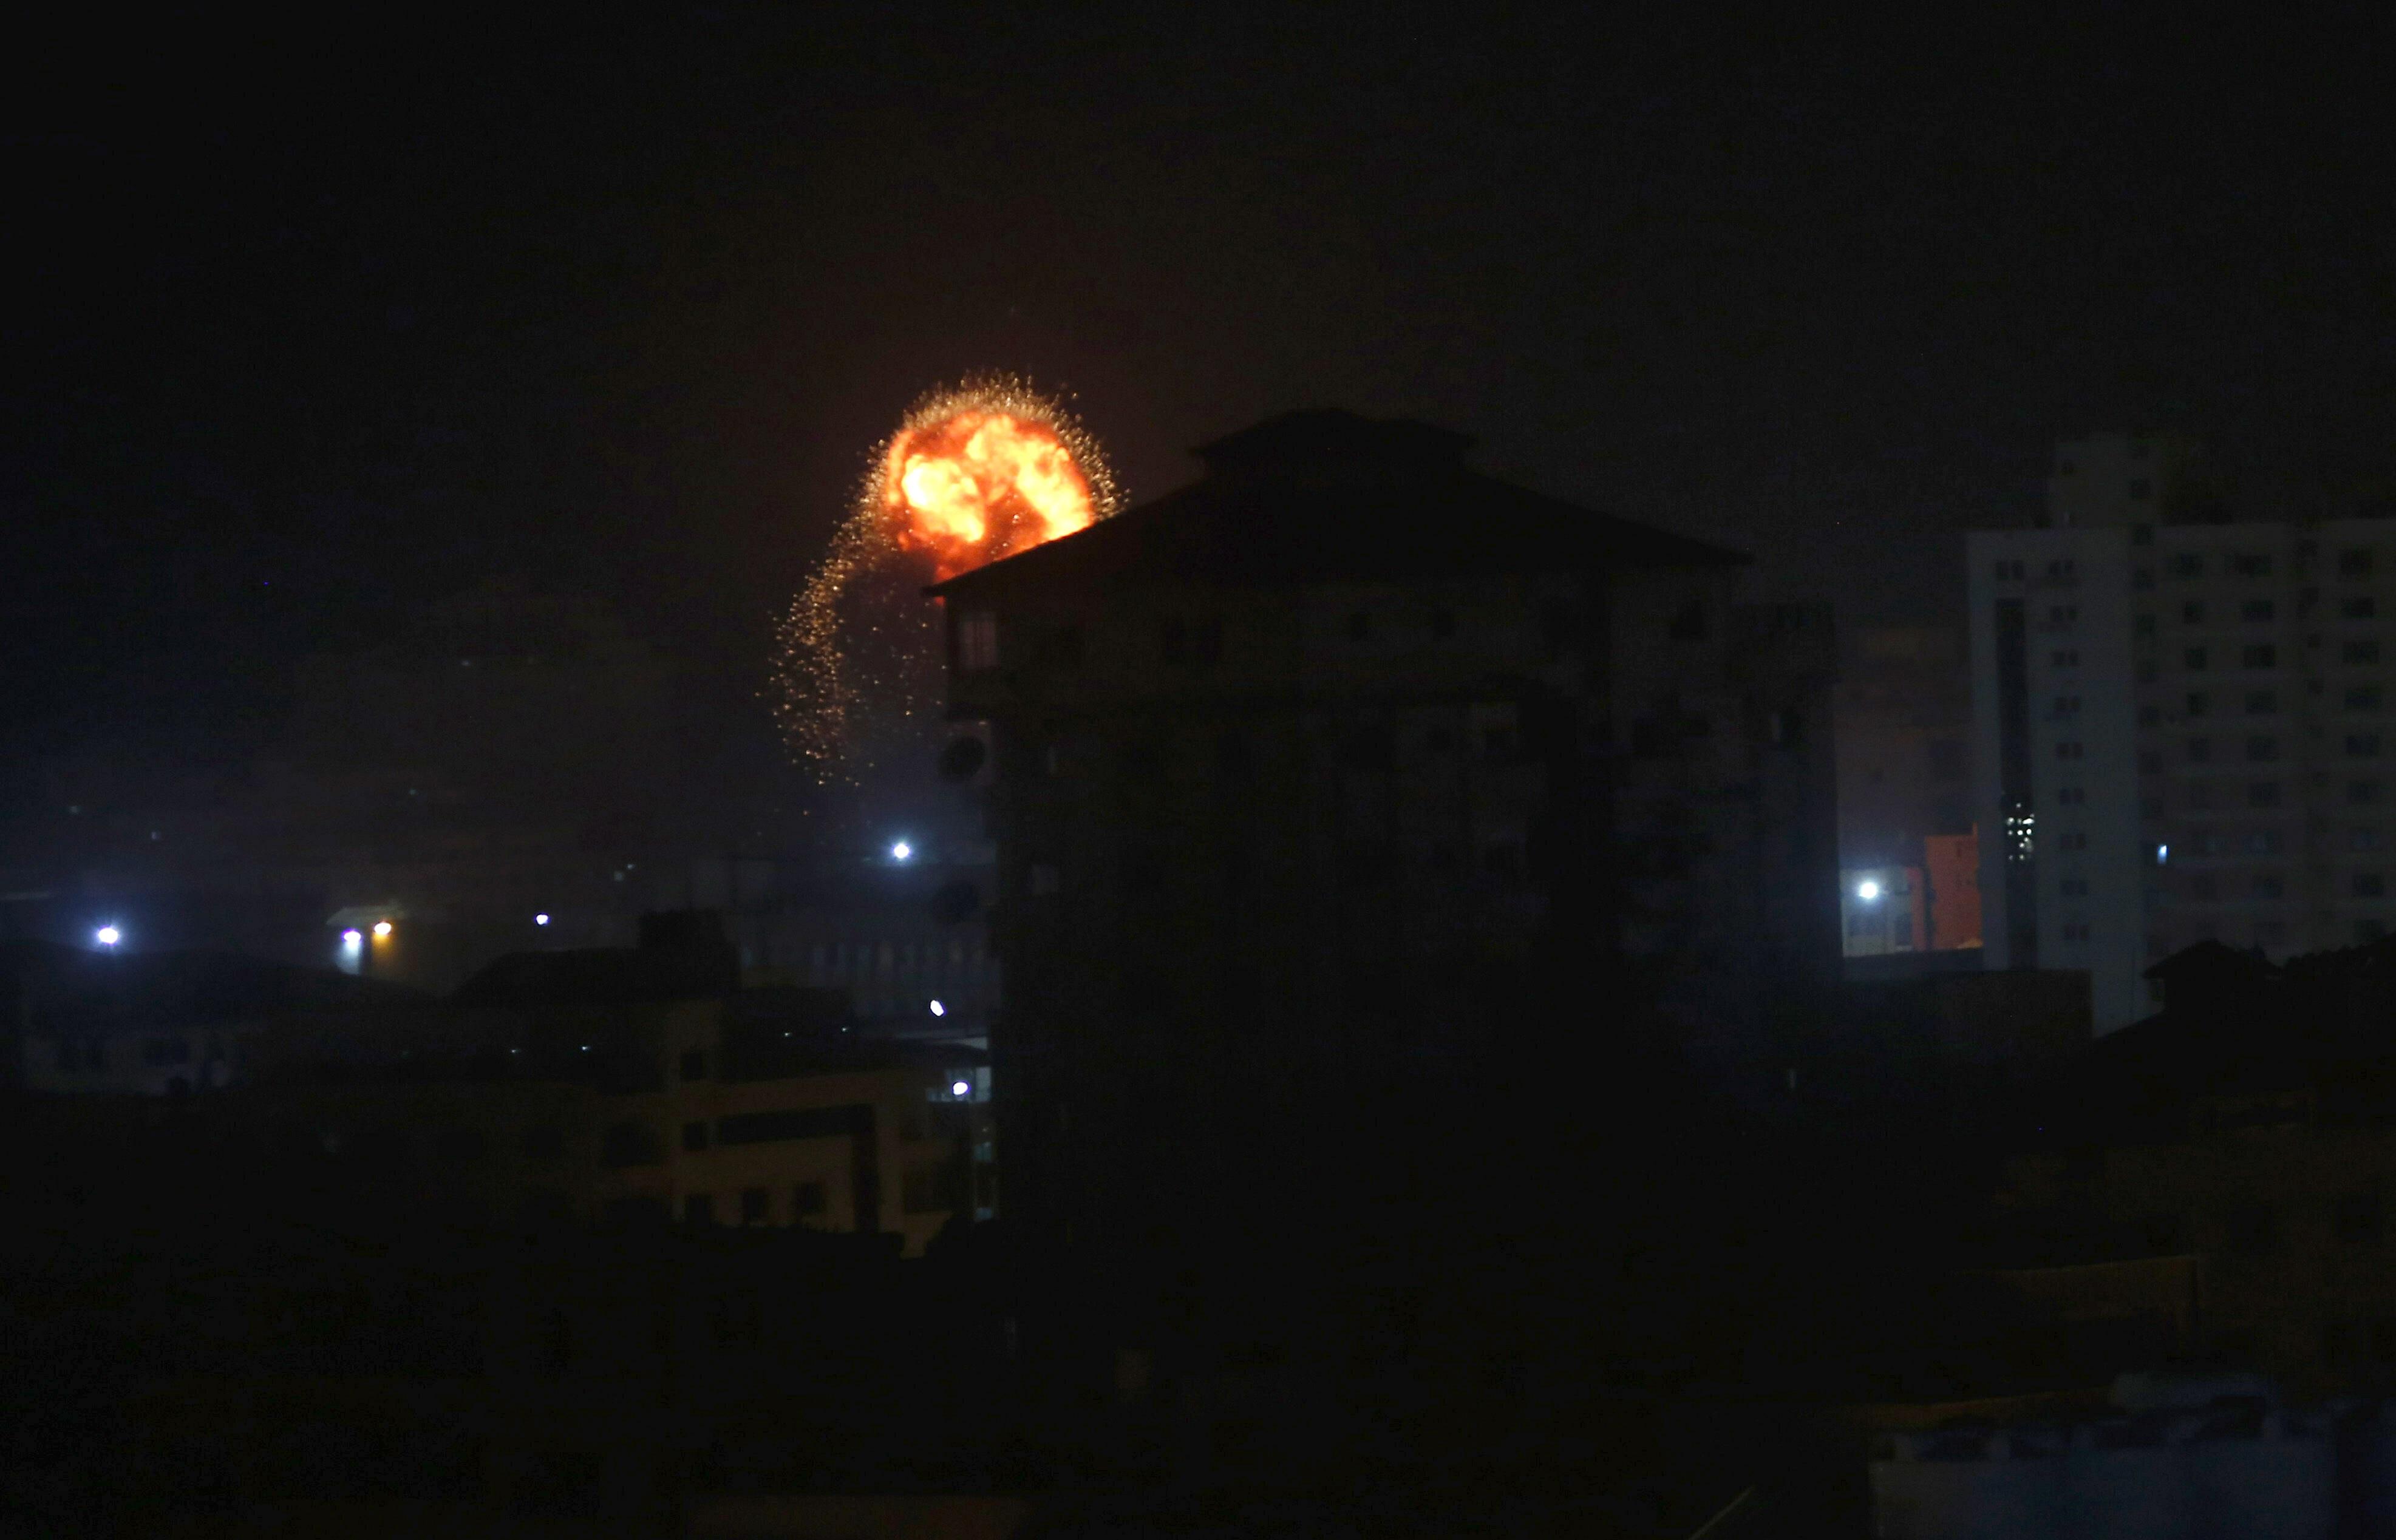 इजरायल की सेना ने गाजा में 100 ठिकानों पर एयर स्ट्राइक कर दी है. इजरायल ने ये कार्रवाई उसकी राजधानी तेल अवीव पर हुए रॉकेट हमलों के बाद की.